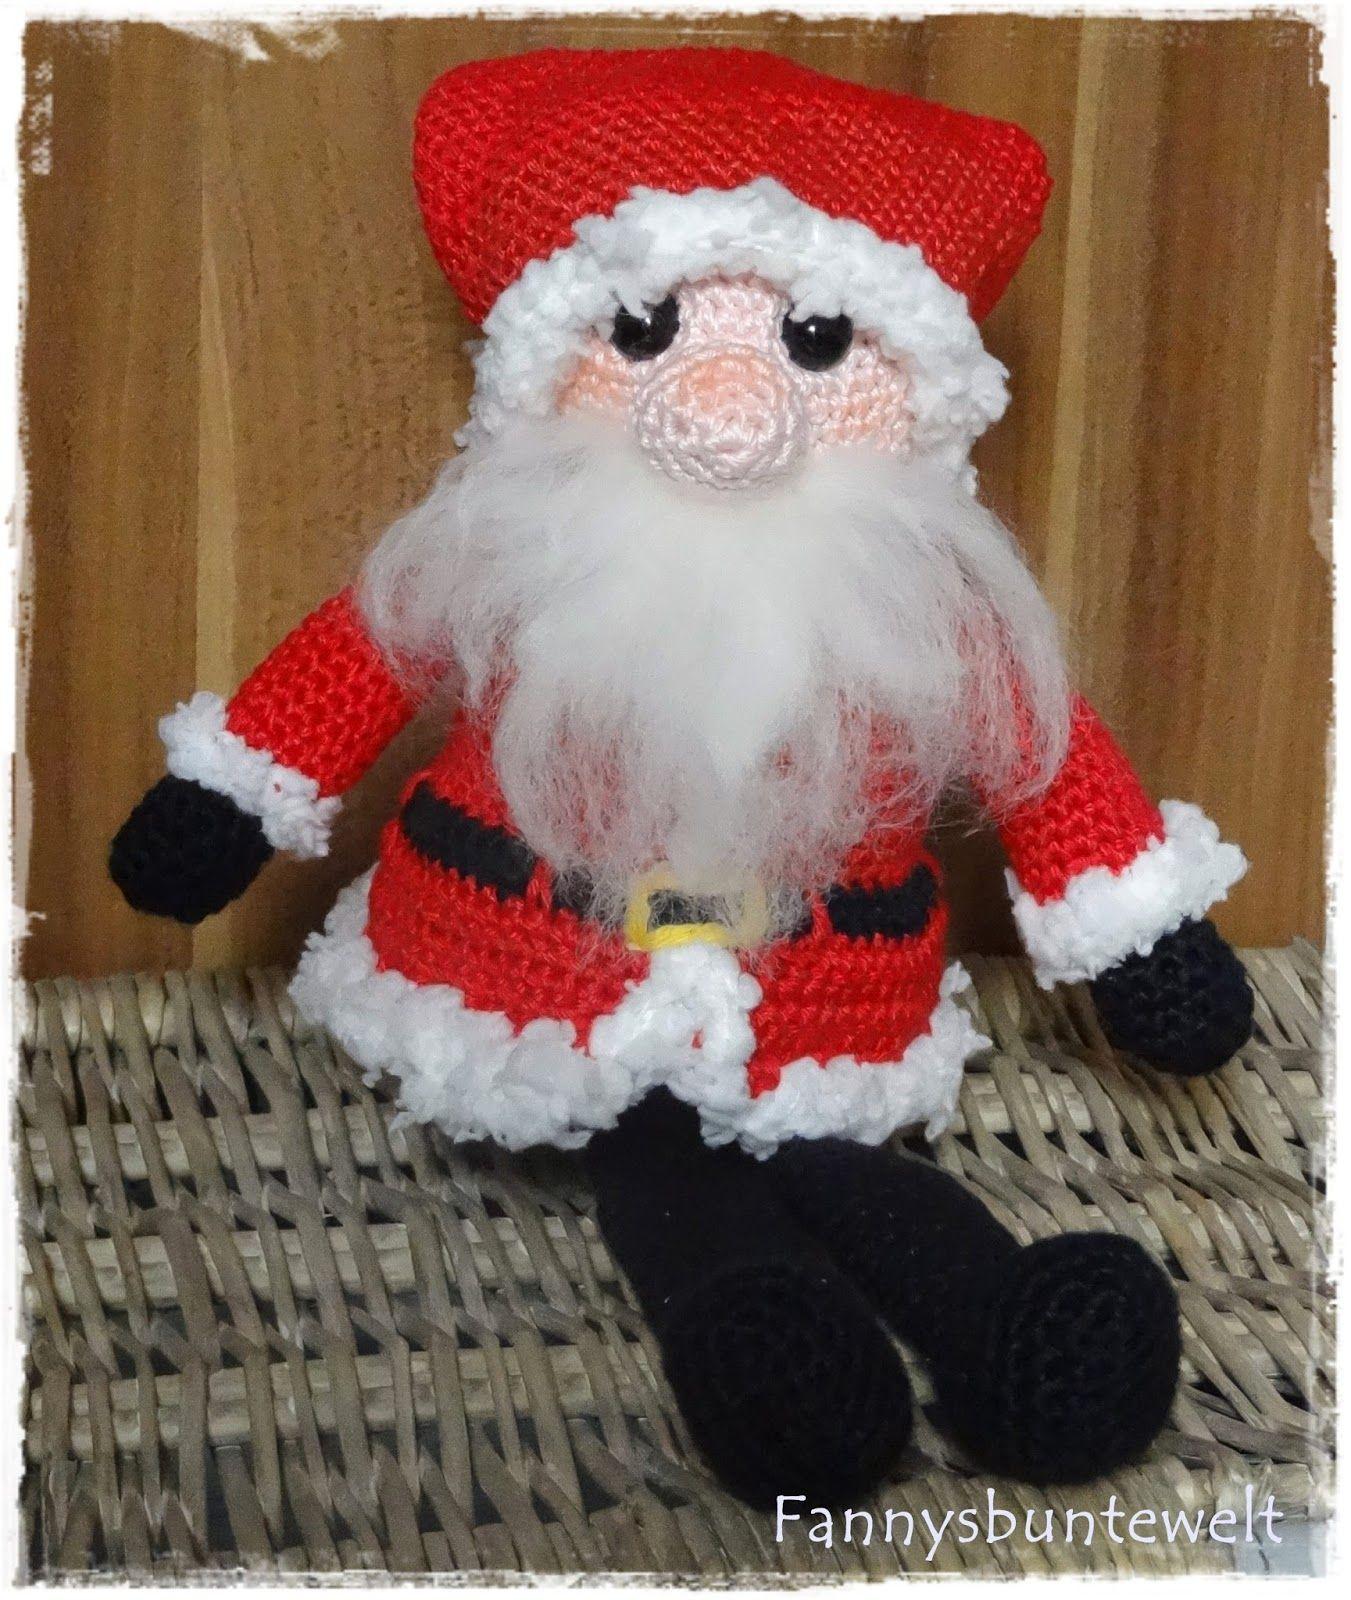 Fannysbuntewelt: Maxi-Ü-Ei Weihnachtsmann   Häkeln   Pinterest ...